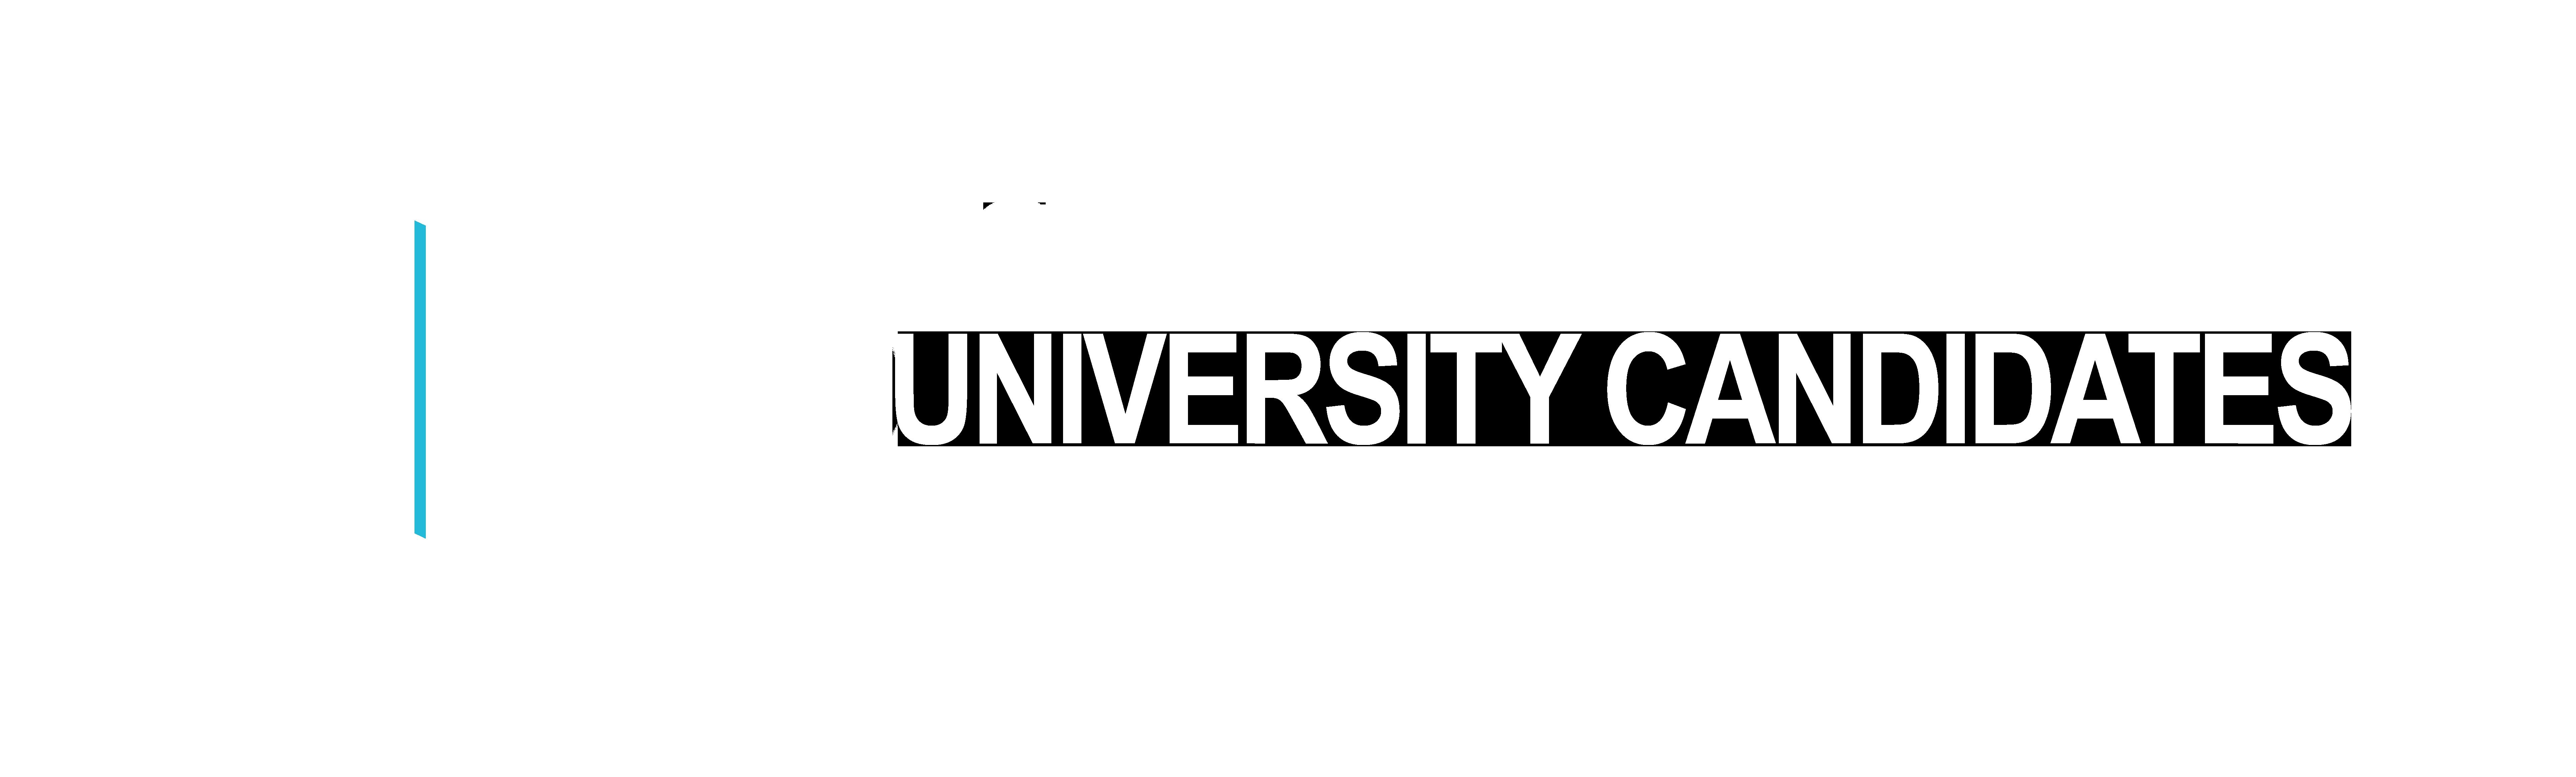 University Candidates